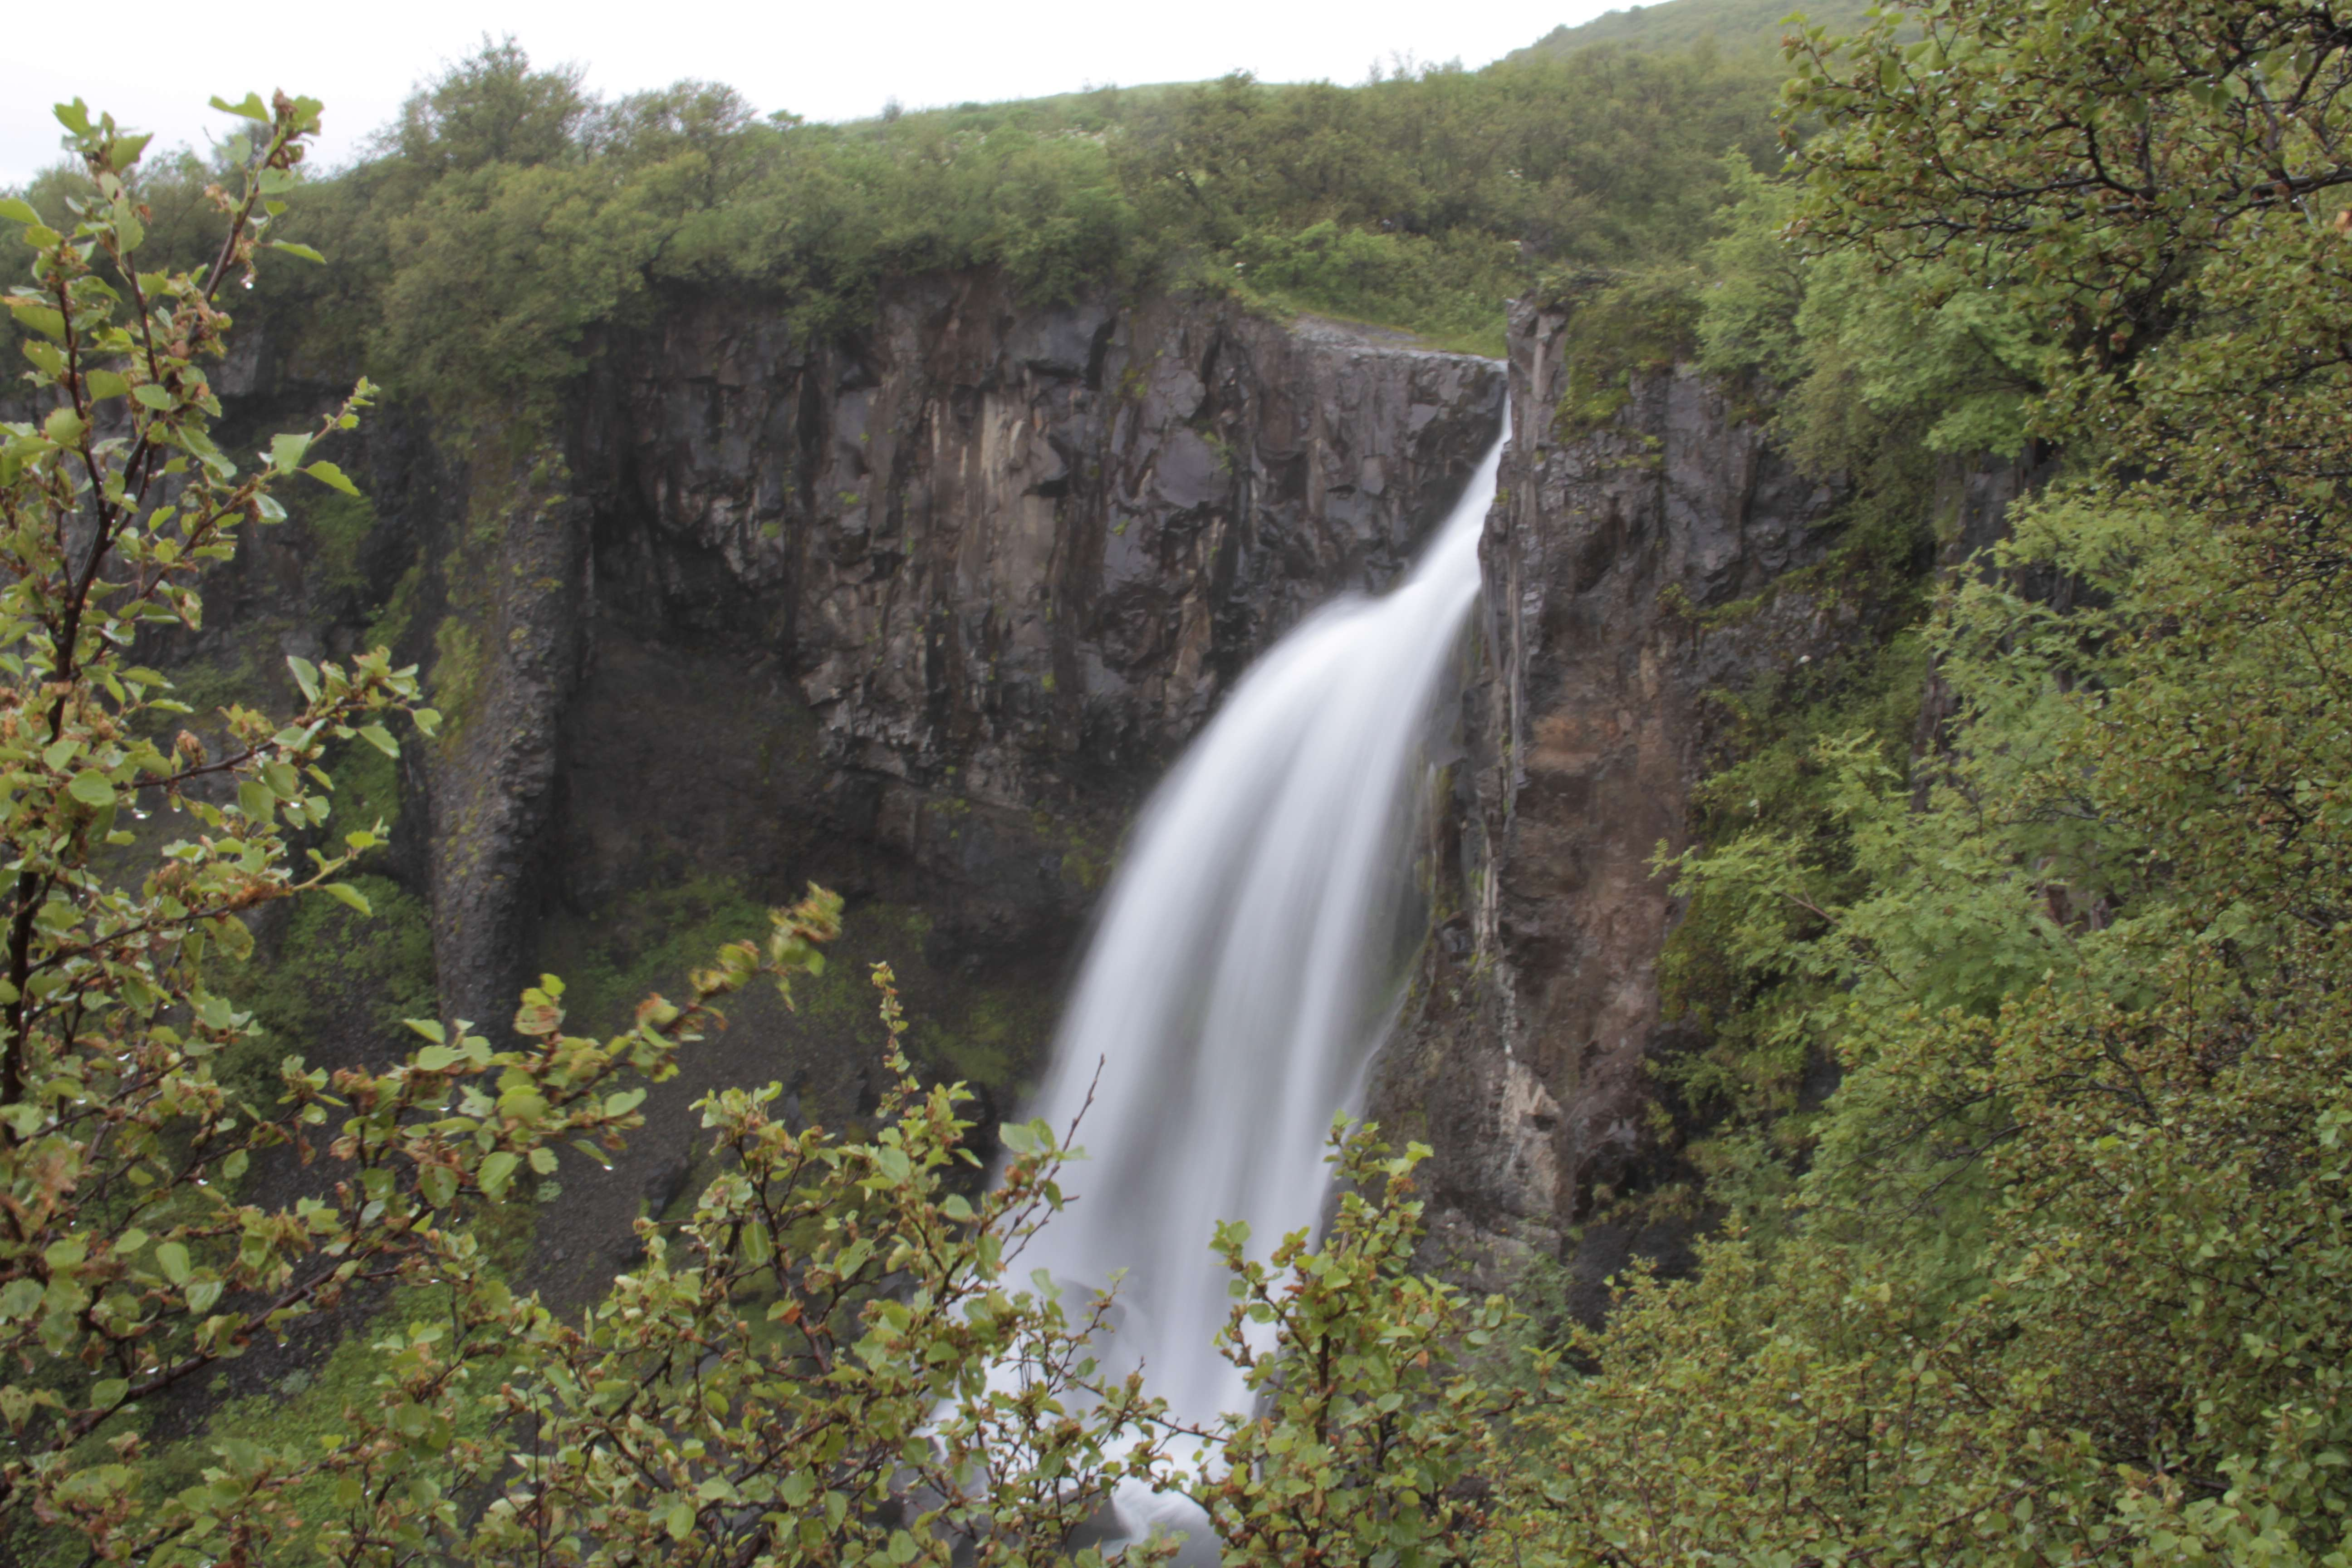 Islande_0448 route Hofn-Hella - Skaftafell Hundafoss 15 juillet